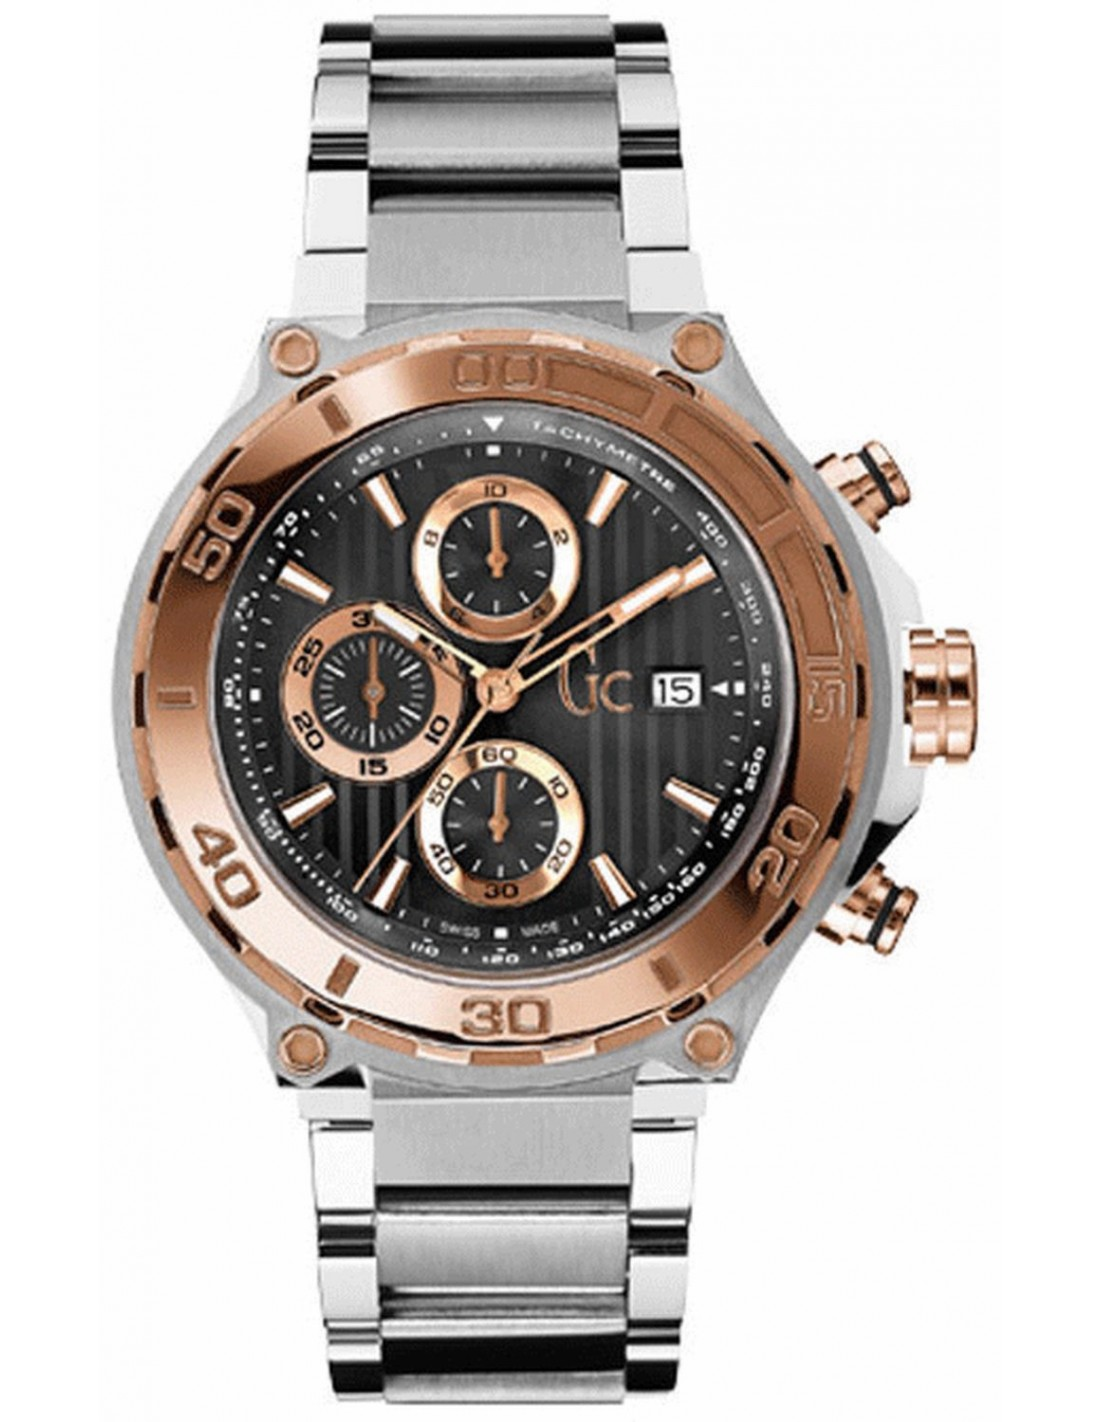 código promocional amplia selección de colores a un precio razonable Reloj Guess Collection X56008G2S | relojes clasicos para hombre | Carex  Joyeros